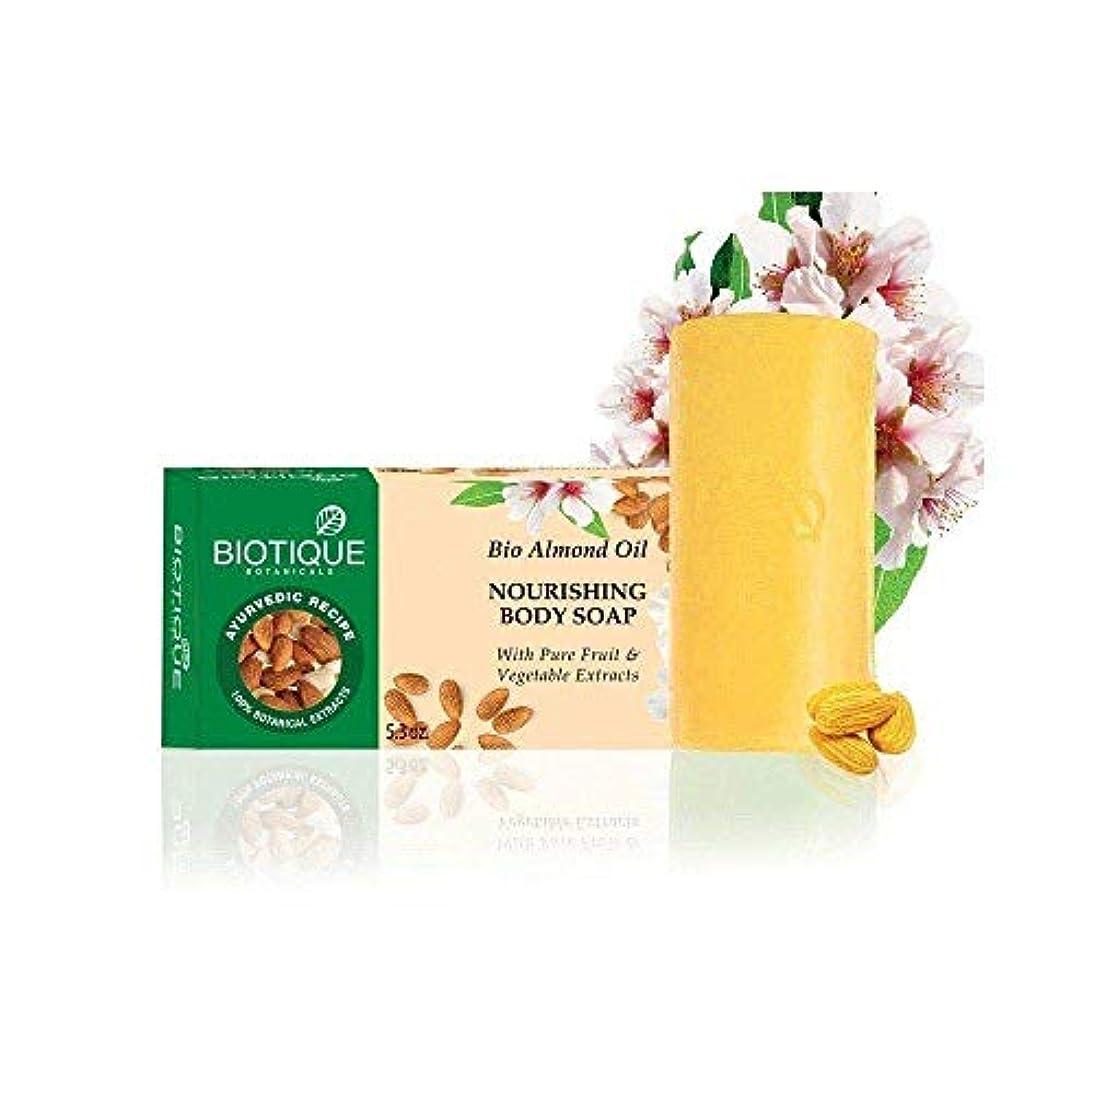 風景委託矩形Biotique Bio Almond Oil Nourishing Body Soap - 150g (Pack of 2) wash Impurities Biotique Bio Almond Oilナリッシングボディソープ...